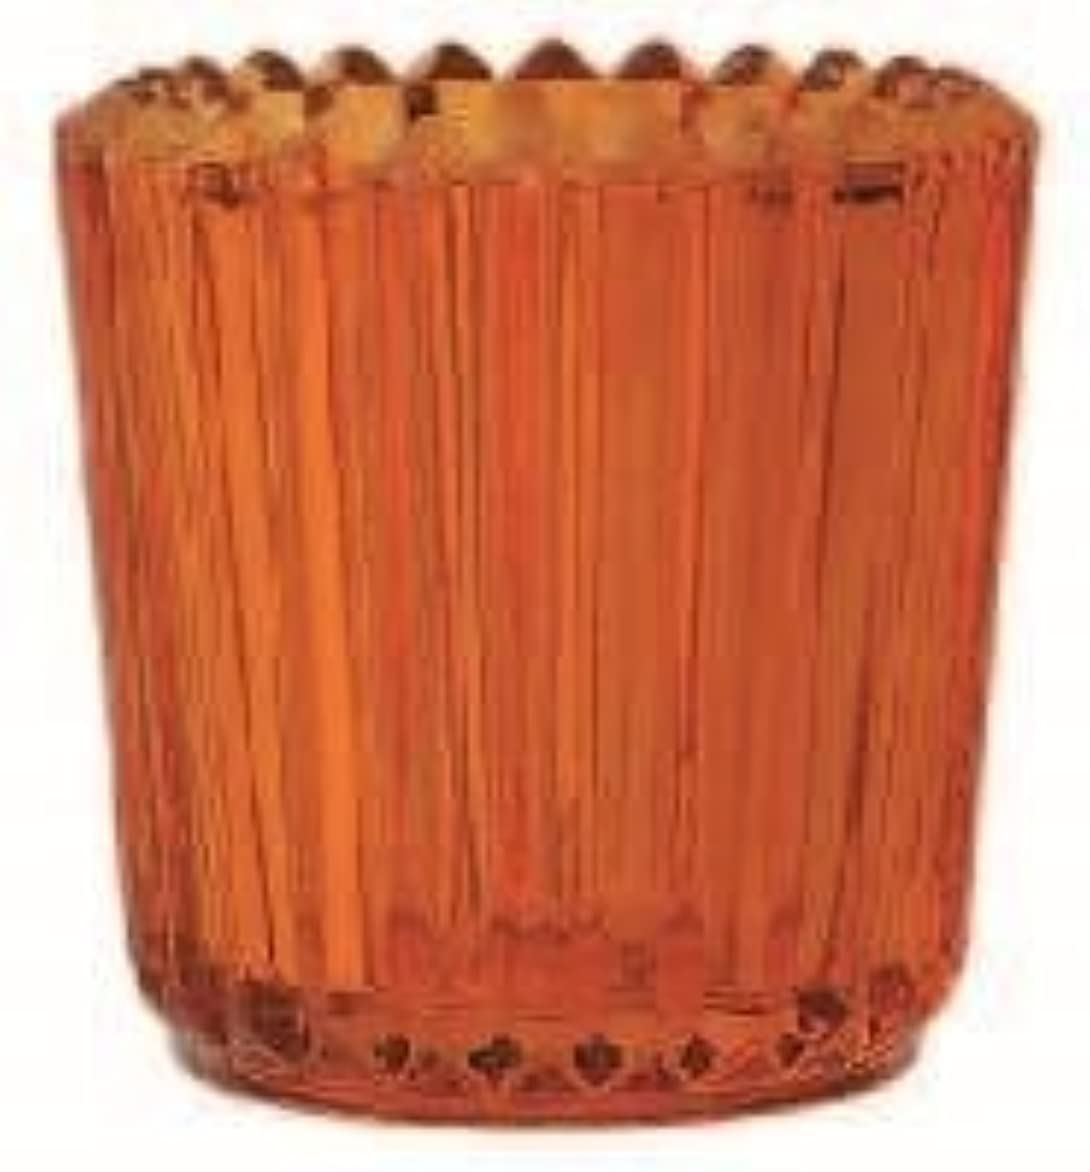 誘発するテラス第二kameyama candle(カメヤマキャンドル) ソレイユ 「 オレンジ 」(J5120000OR)